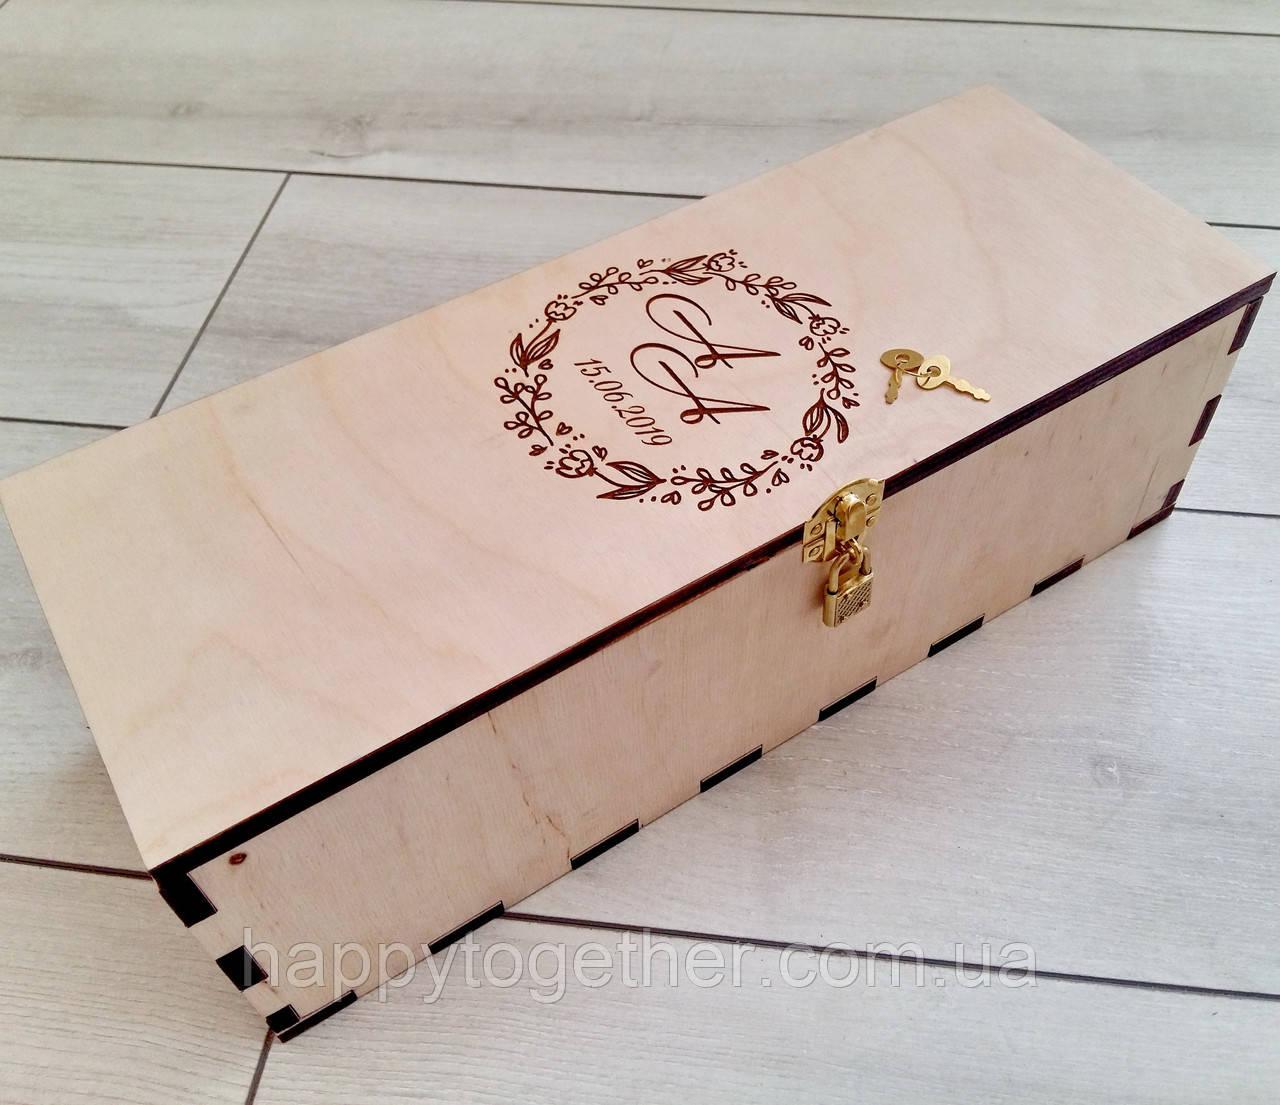 Подарочная коробка из фанеры для бутылки вина, шампанского с замочком